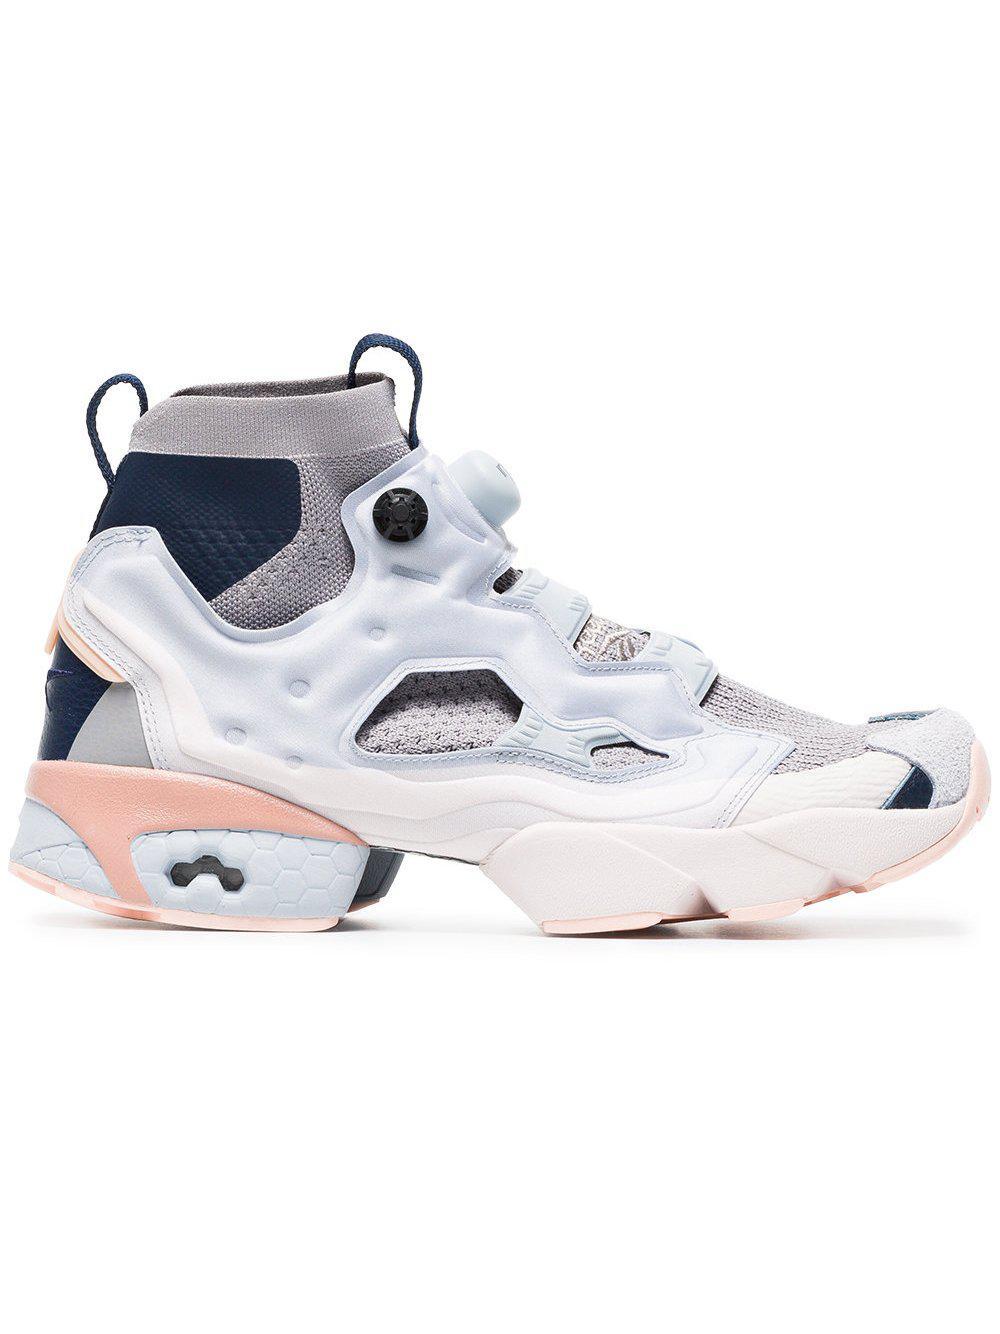 48c9da1ff5d7 Lyst - Reebok Instapump Fury Grey Ultraknit Sneakers By in Gray for Men